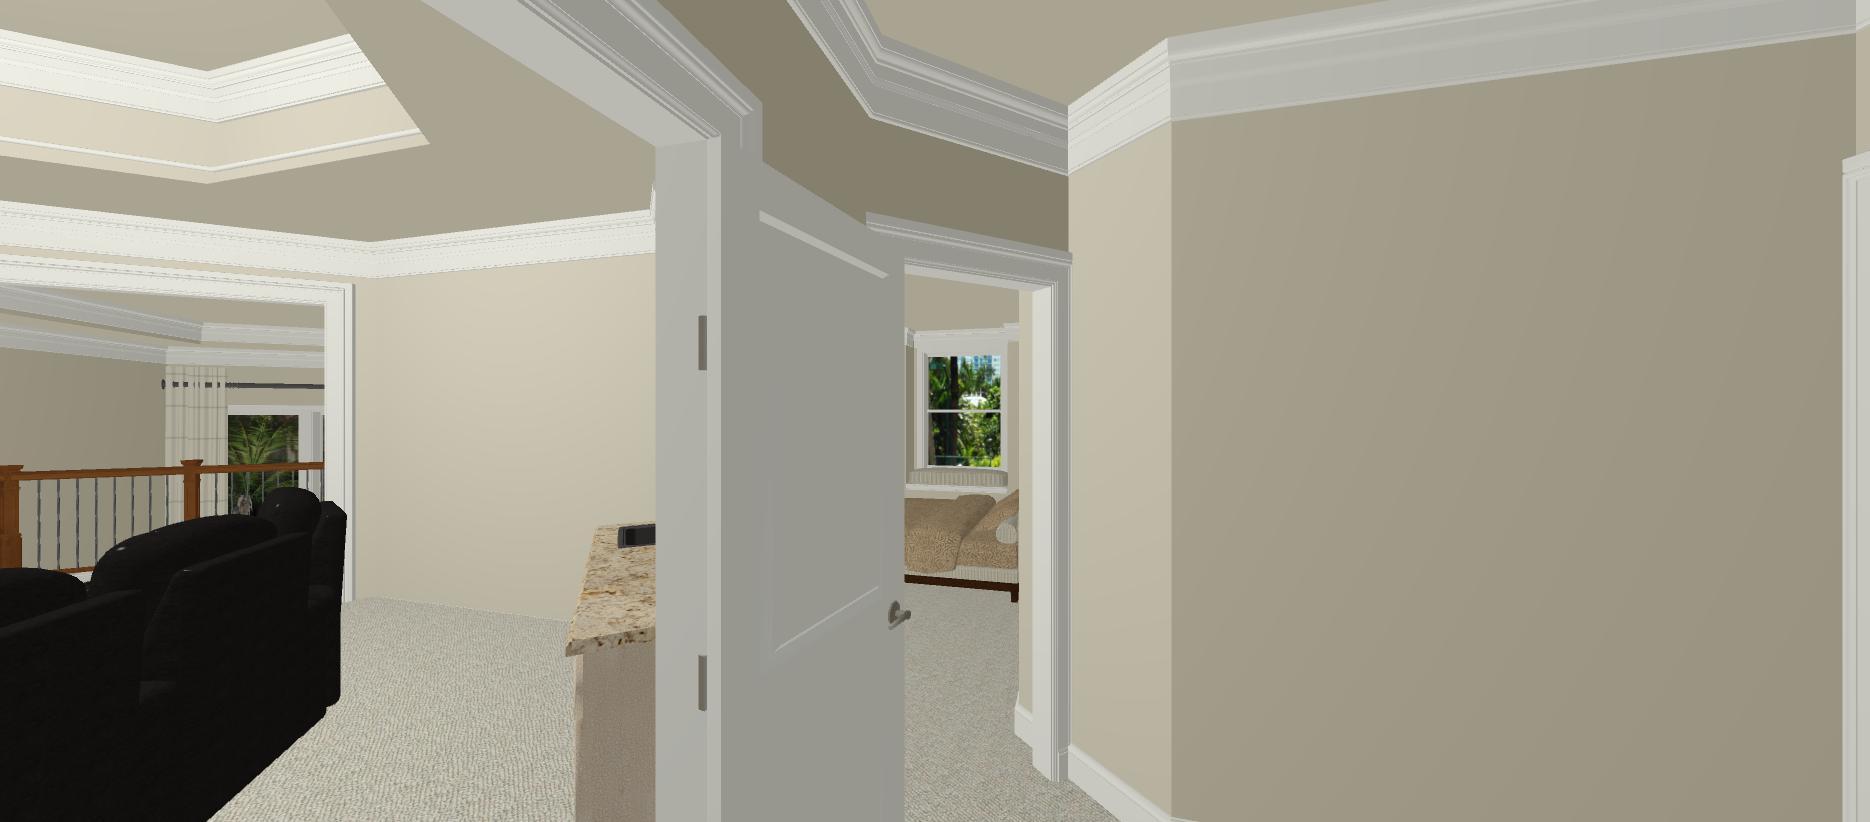 Render 09 Entering Bedroom 4.jpg